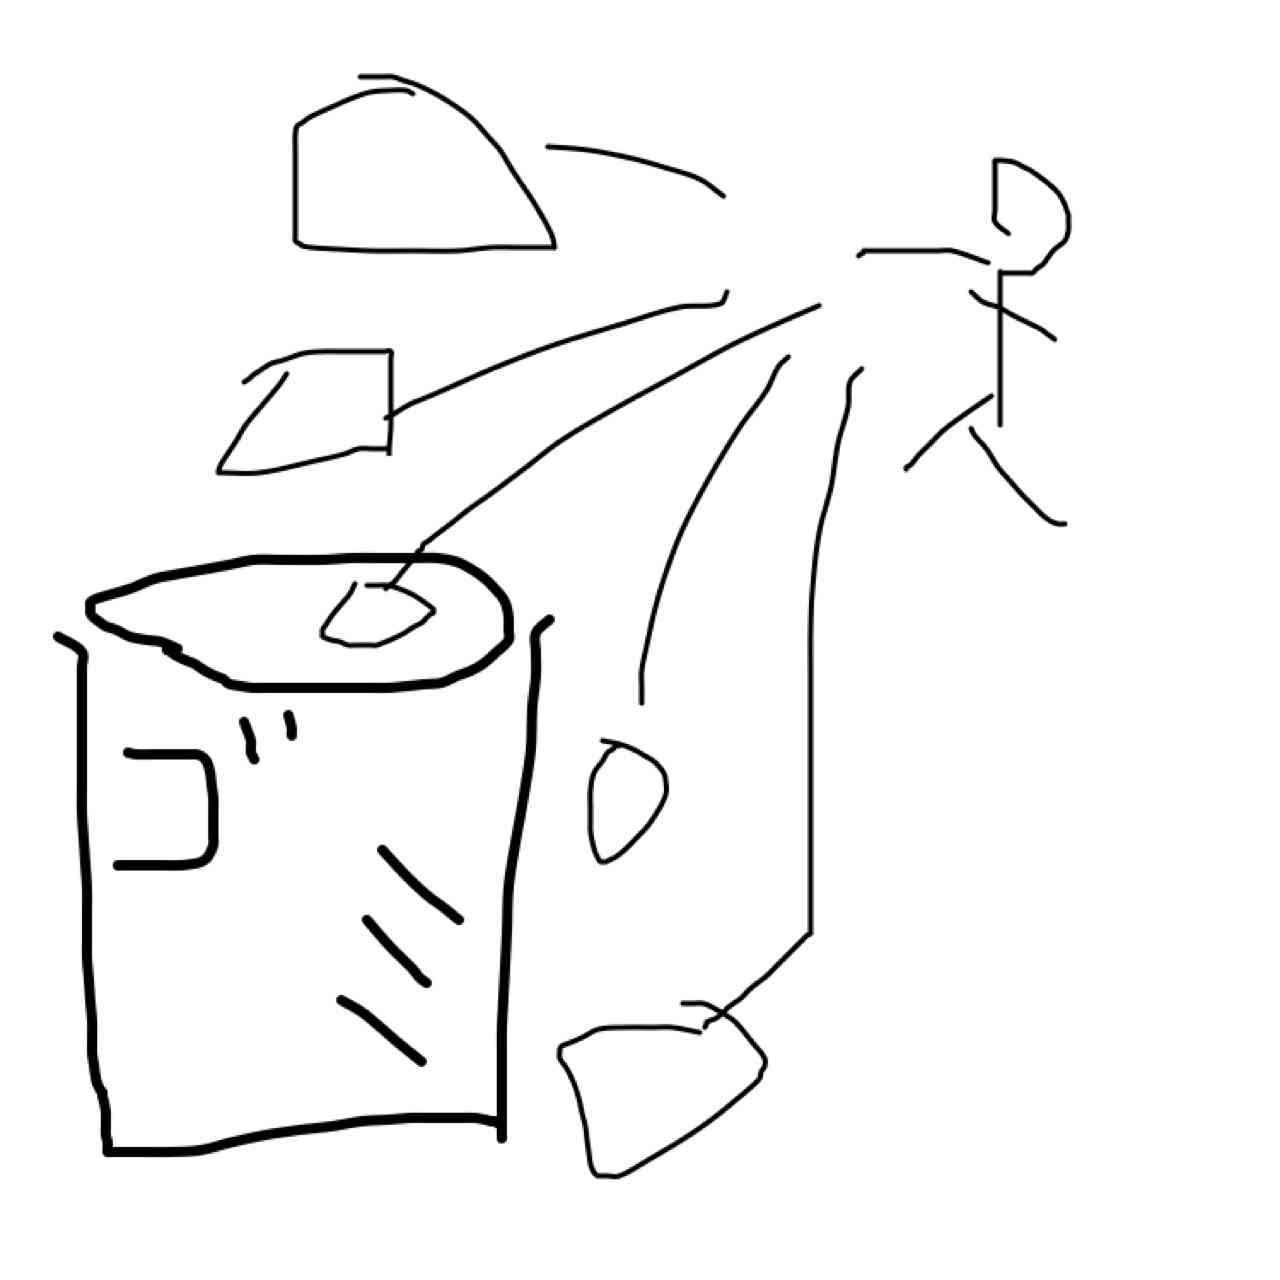 曲のサビの一部分を絵で描いてわかったらプラス